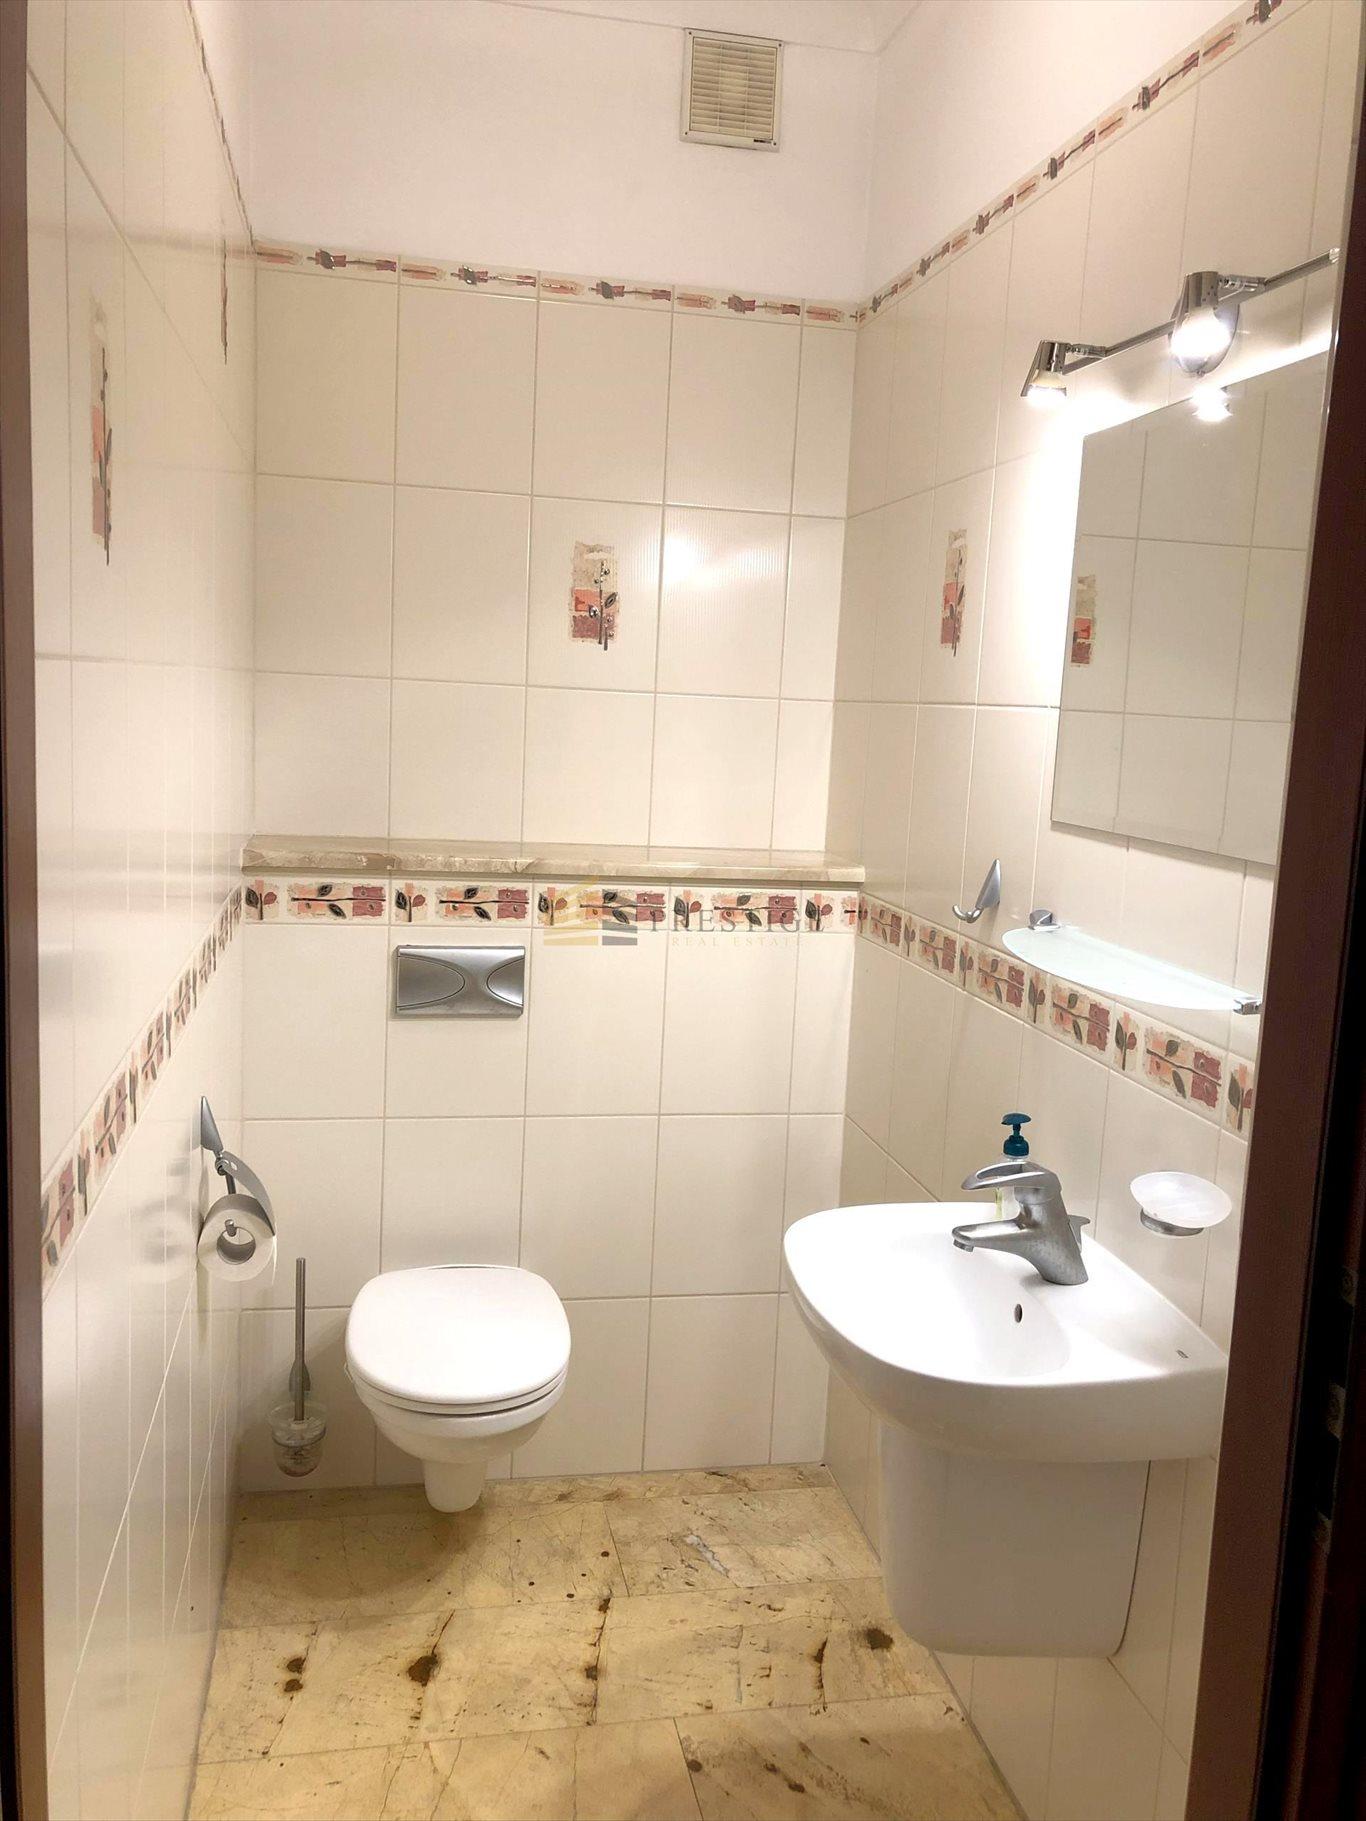 Dom na wynajem Warszawa, Ursynów  350m2 Foto 8